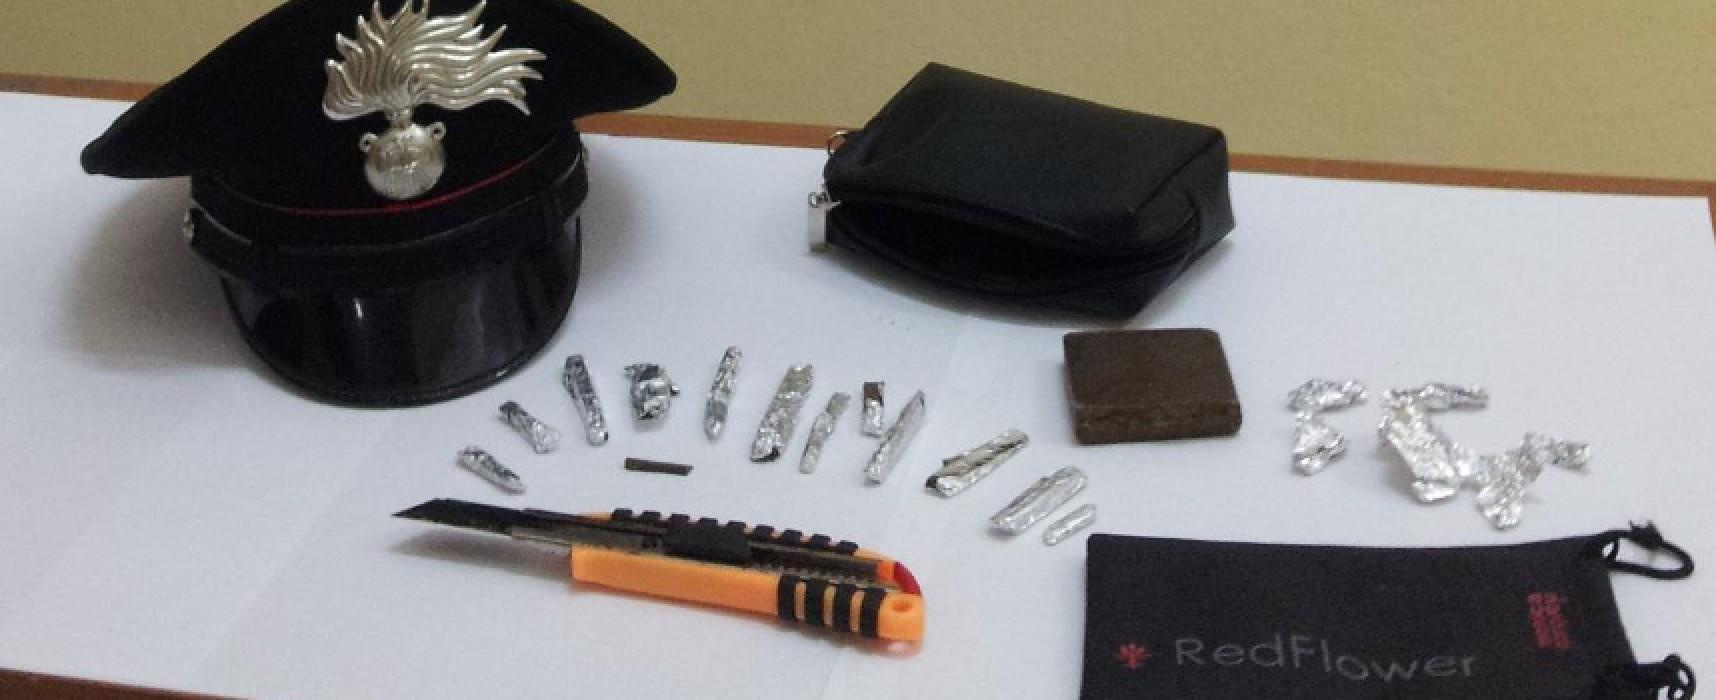 Deteneva dosi di hashish, Carabinieri arrestano 23enne albanese mentre si aggirava nei pressi di una scuola